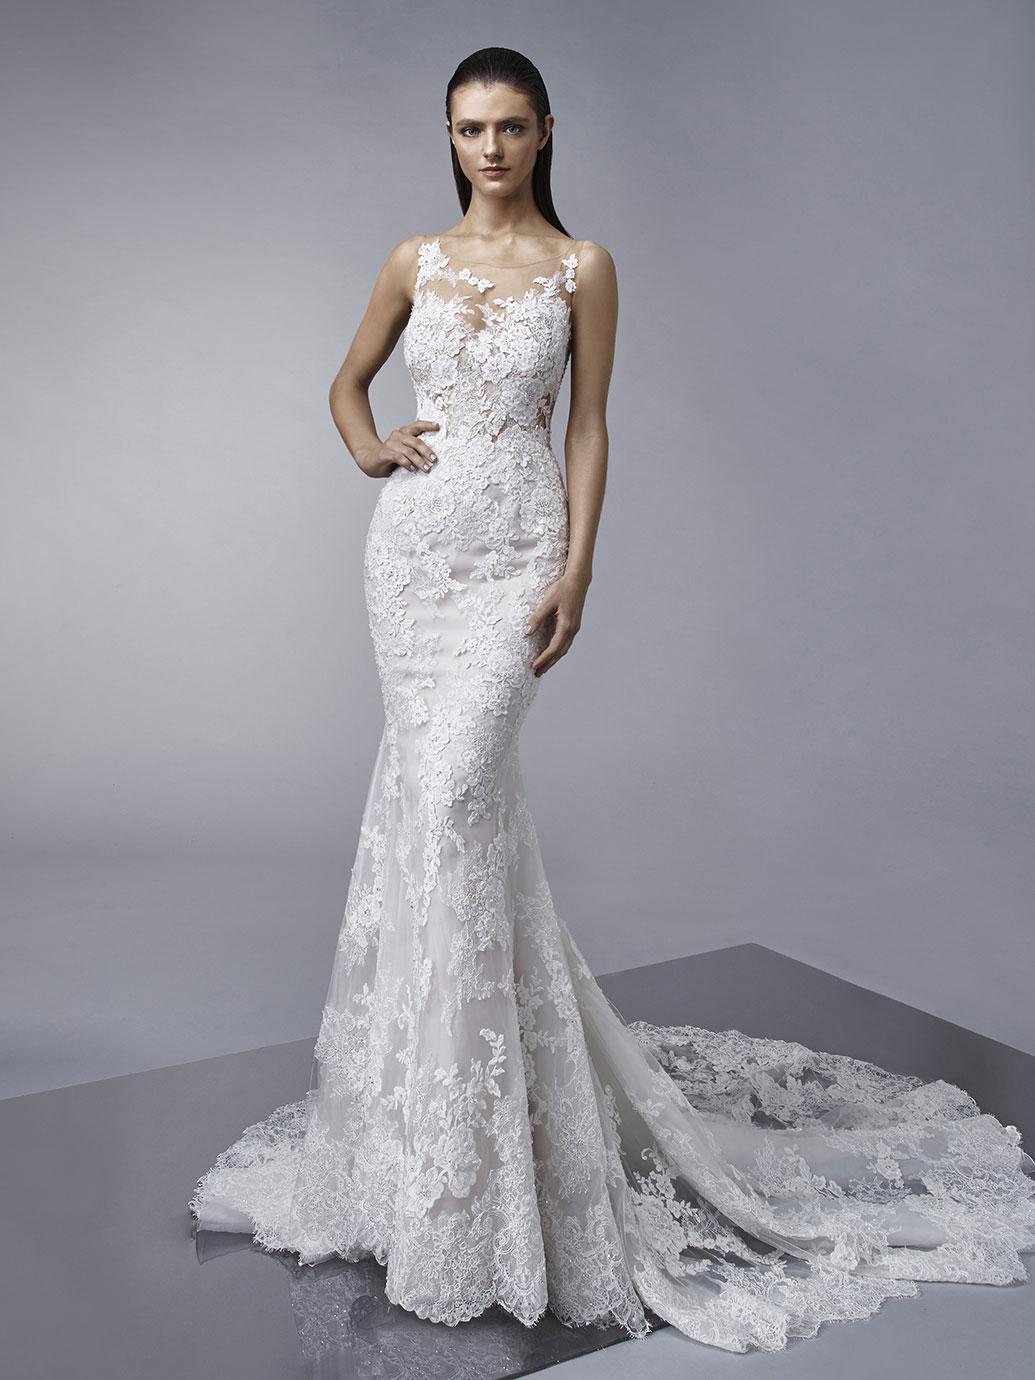 Enzoani Mindy wedding dress, lace tattoo wedding dress, mermaid wedding dress, fit and flare wedding dress